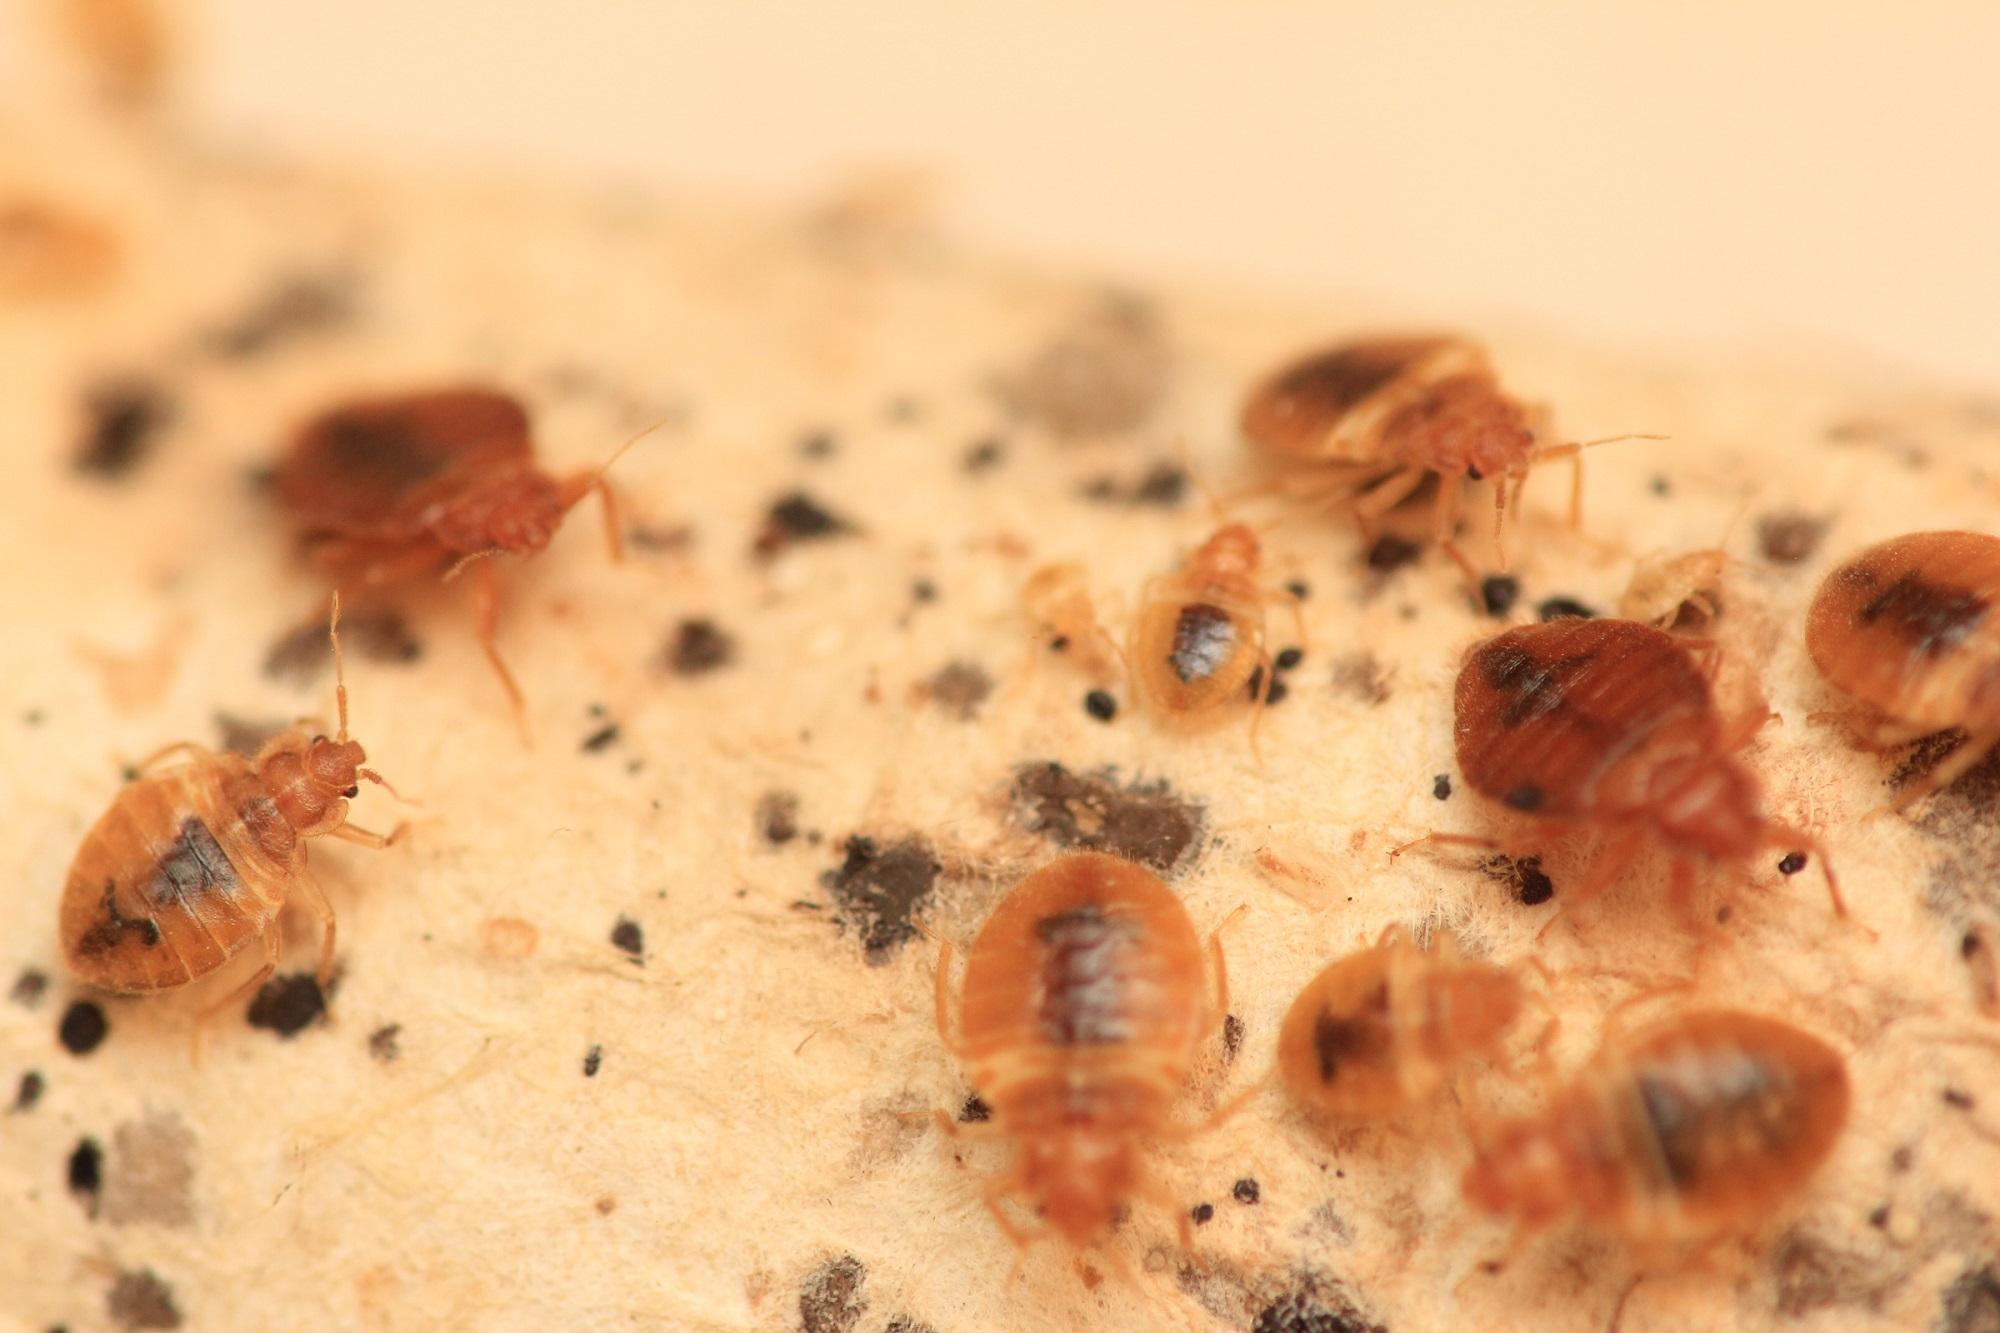 bedbugs still a constant risk